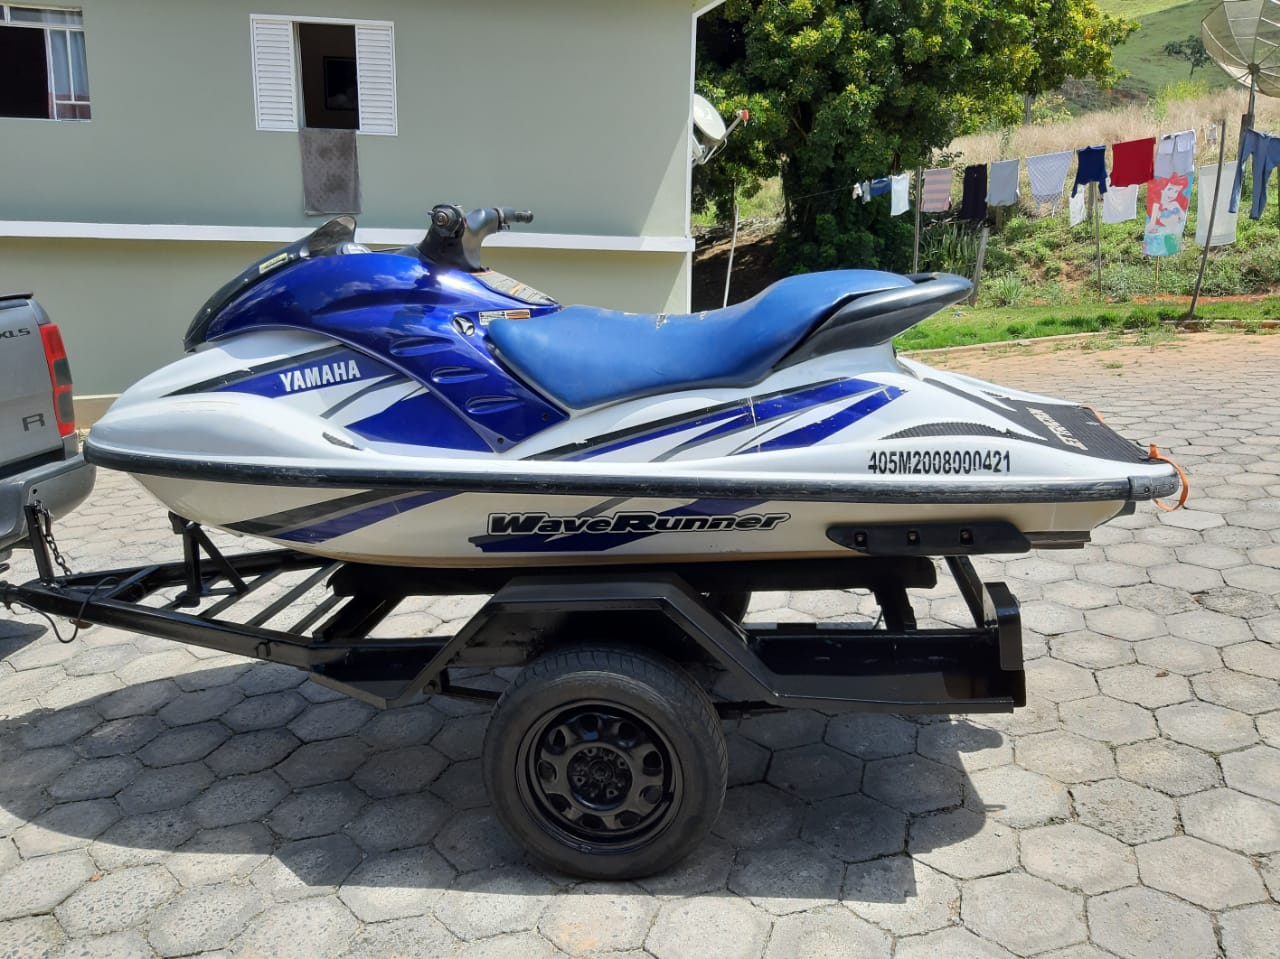 Yamaha GP 800